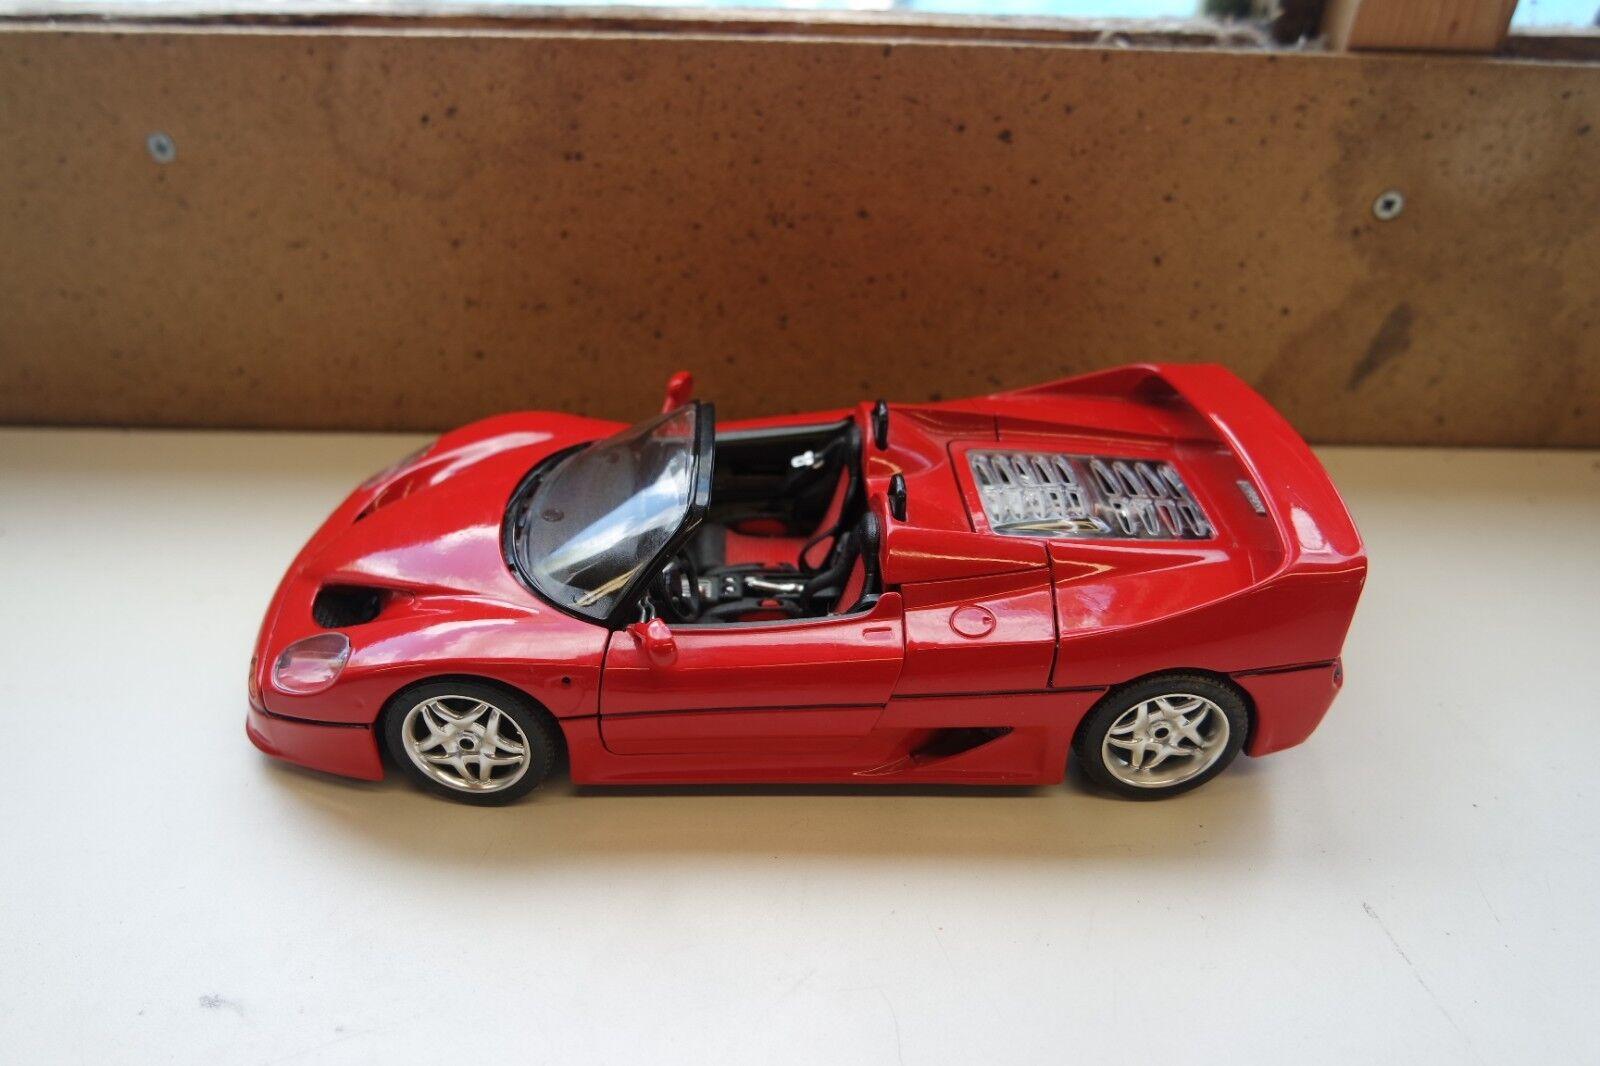 BURAGO 7052 metal kit FERRARI F50 1995 1 18 Ready assembled